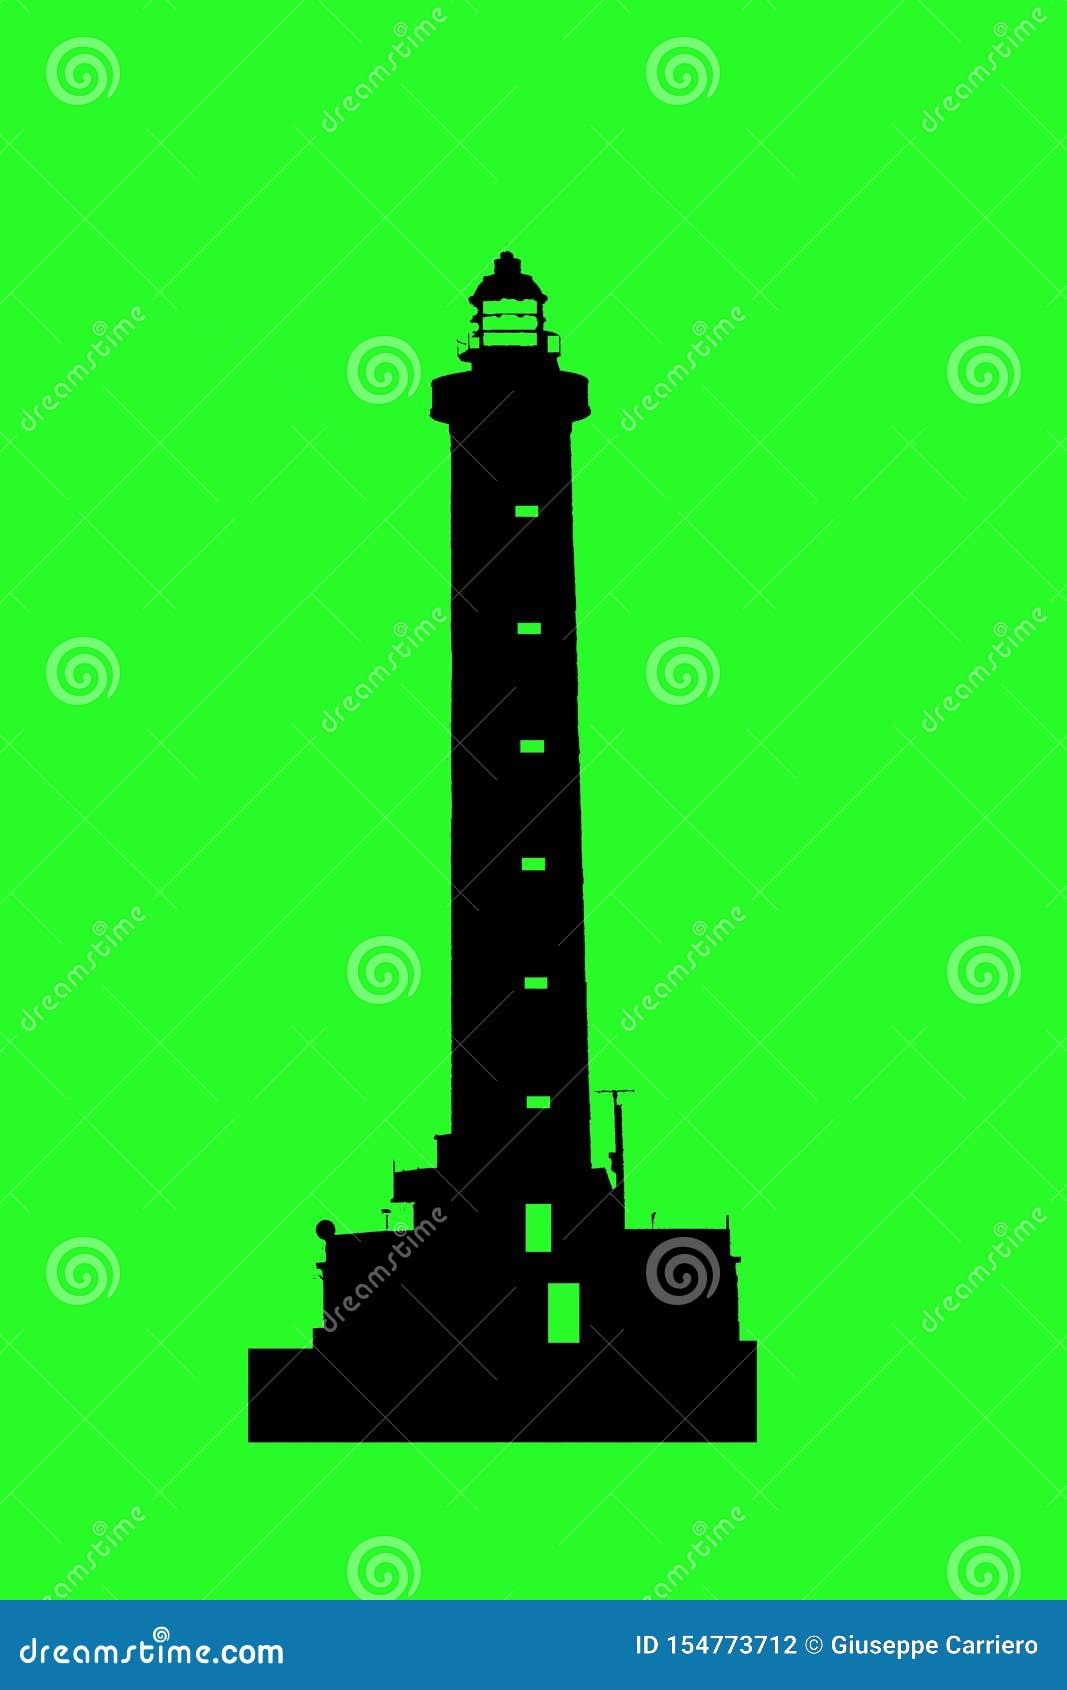 Silueta en la pantalla verde del faro para los marineros excelentes como logotipo